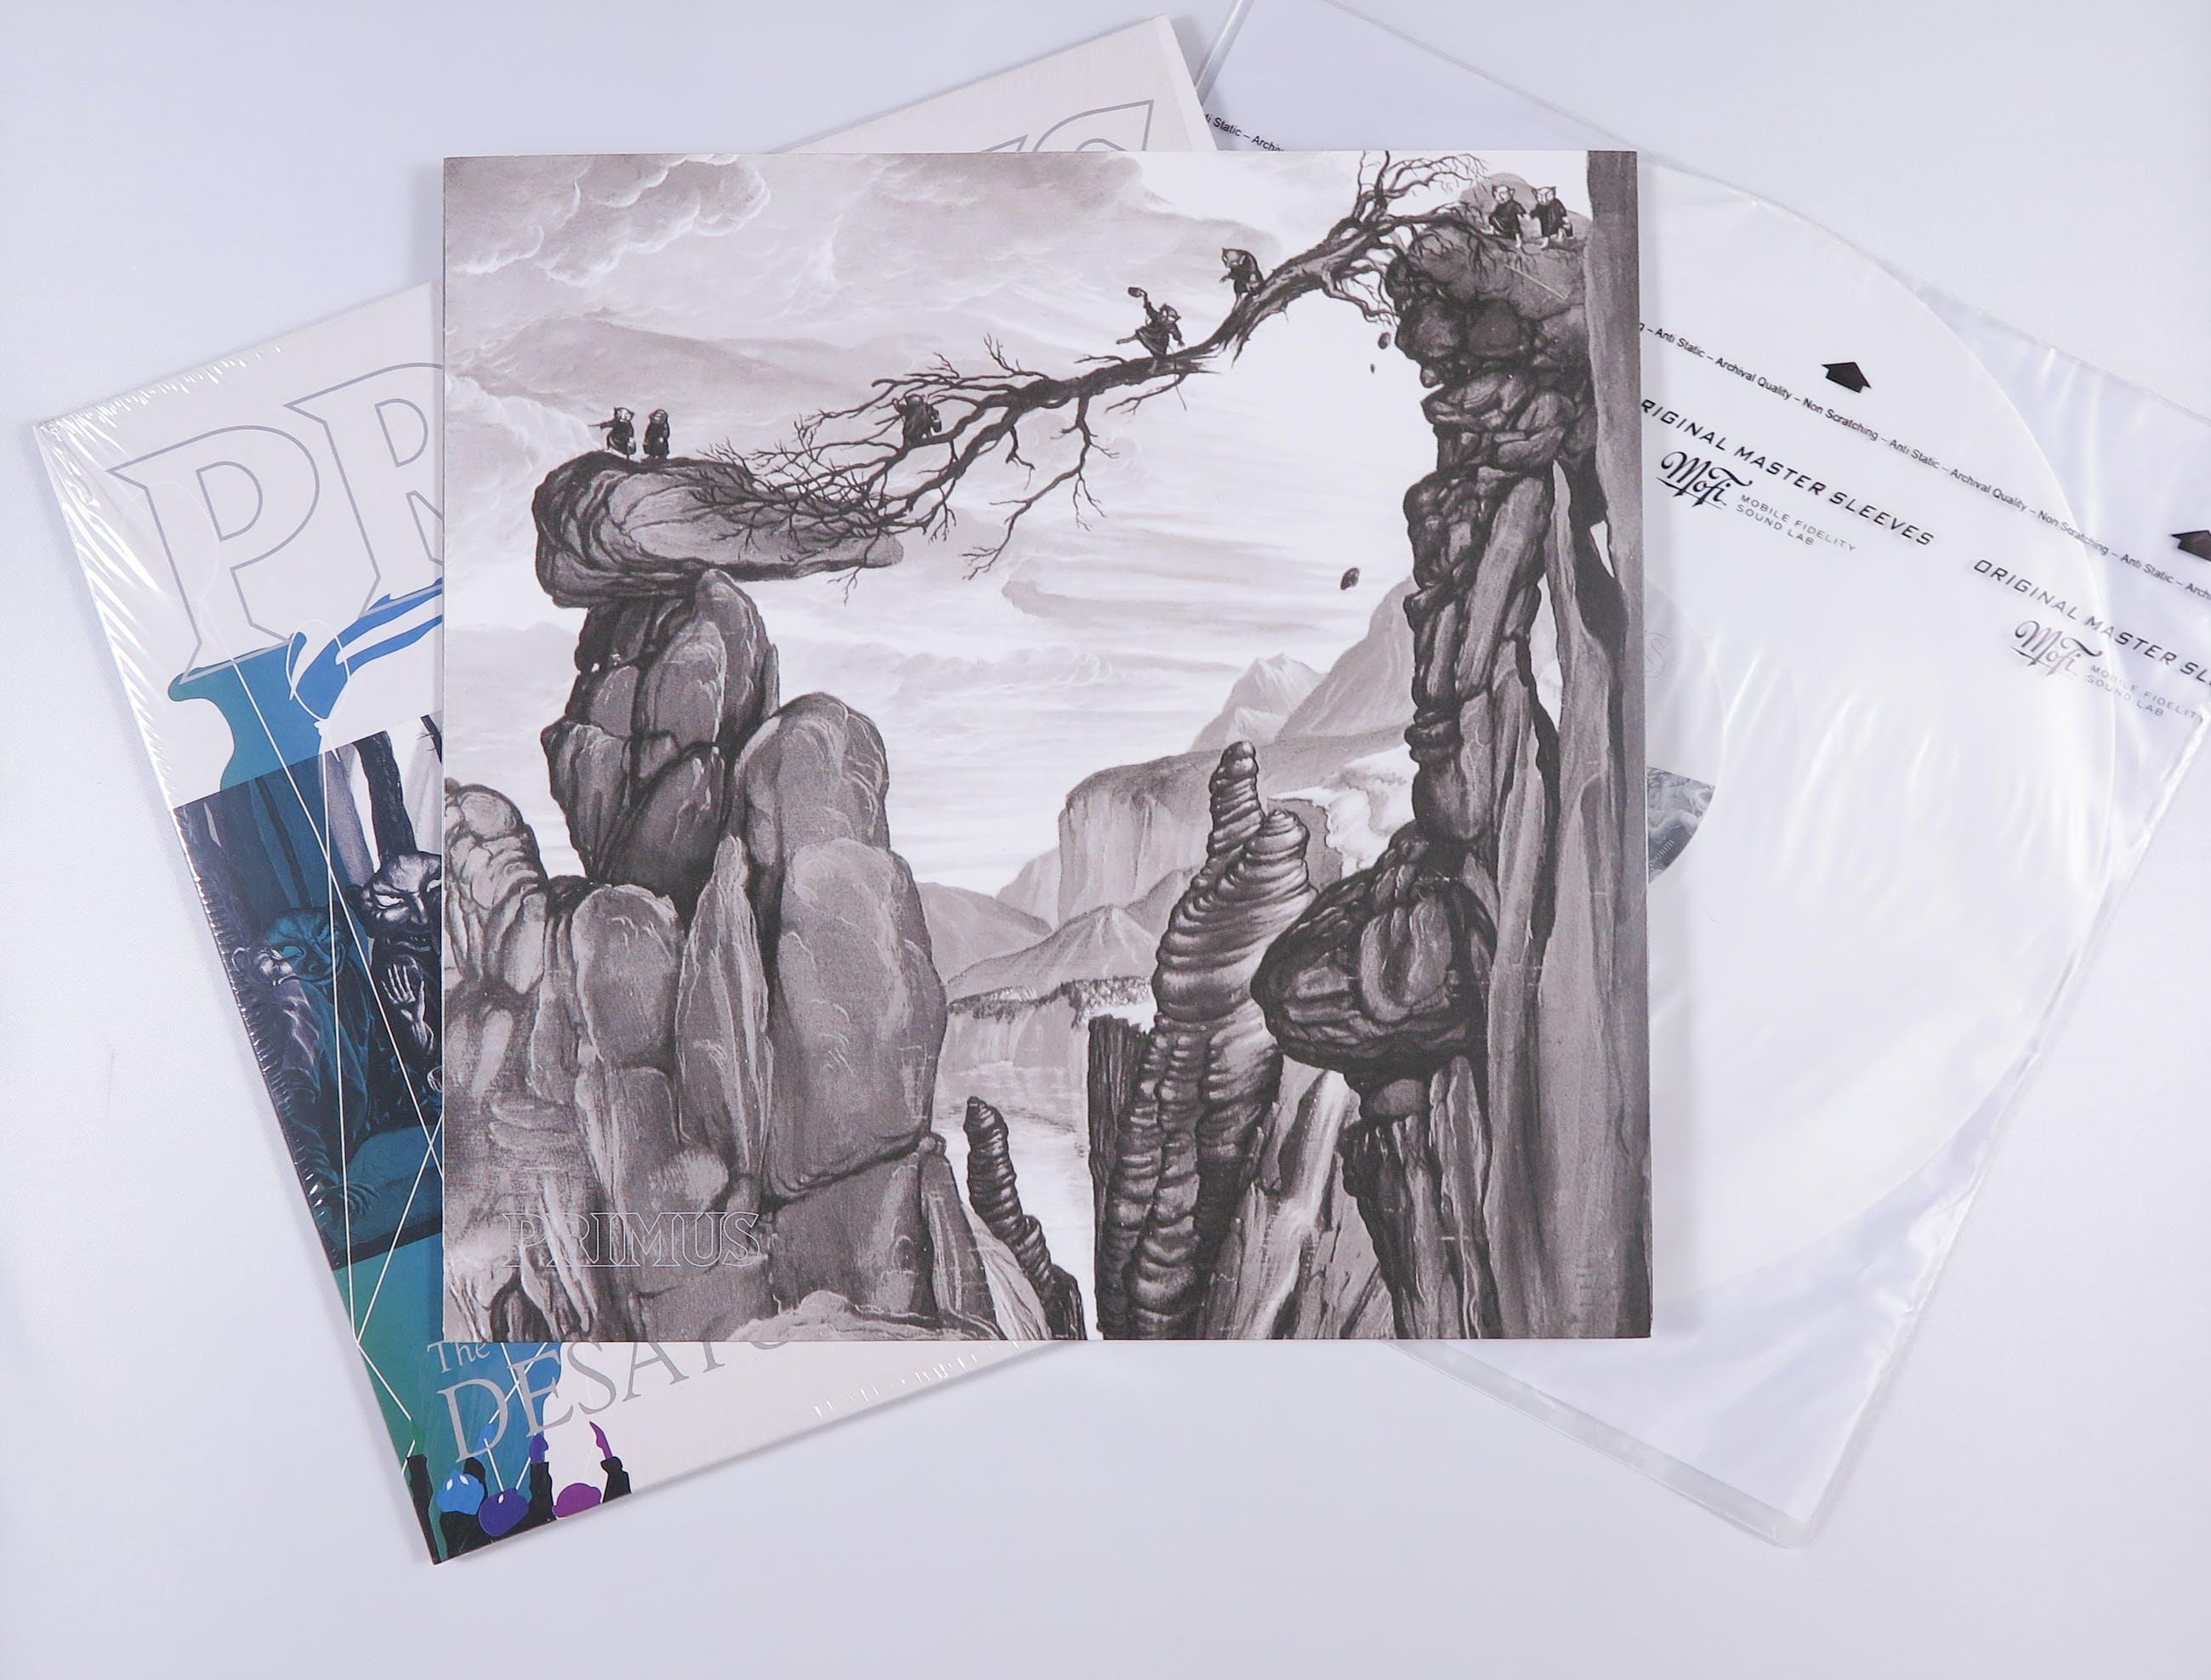 Primus - The Desaturating Seven (Wit Vinyl, gelimiteerde uitgave) kopen? Bied vanaf 40!